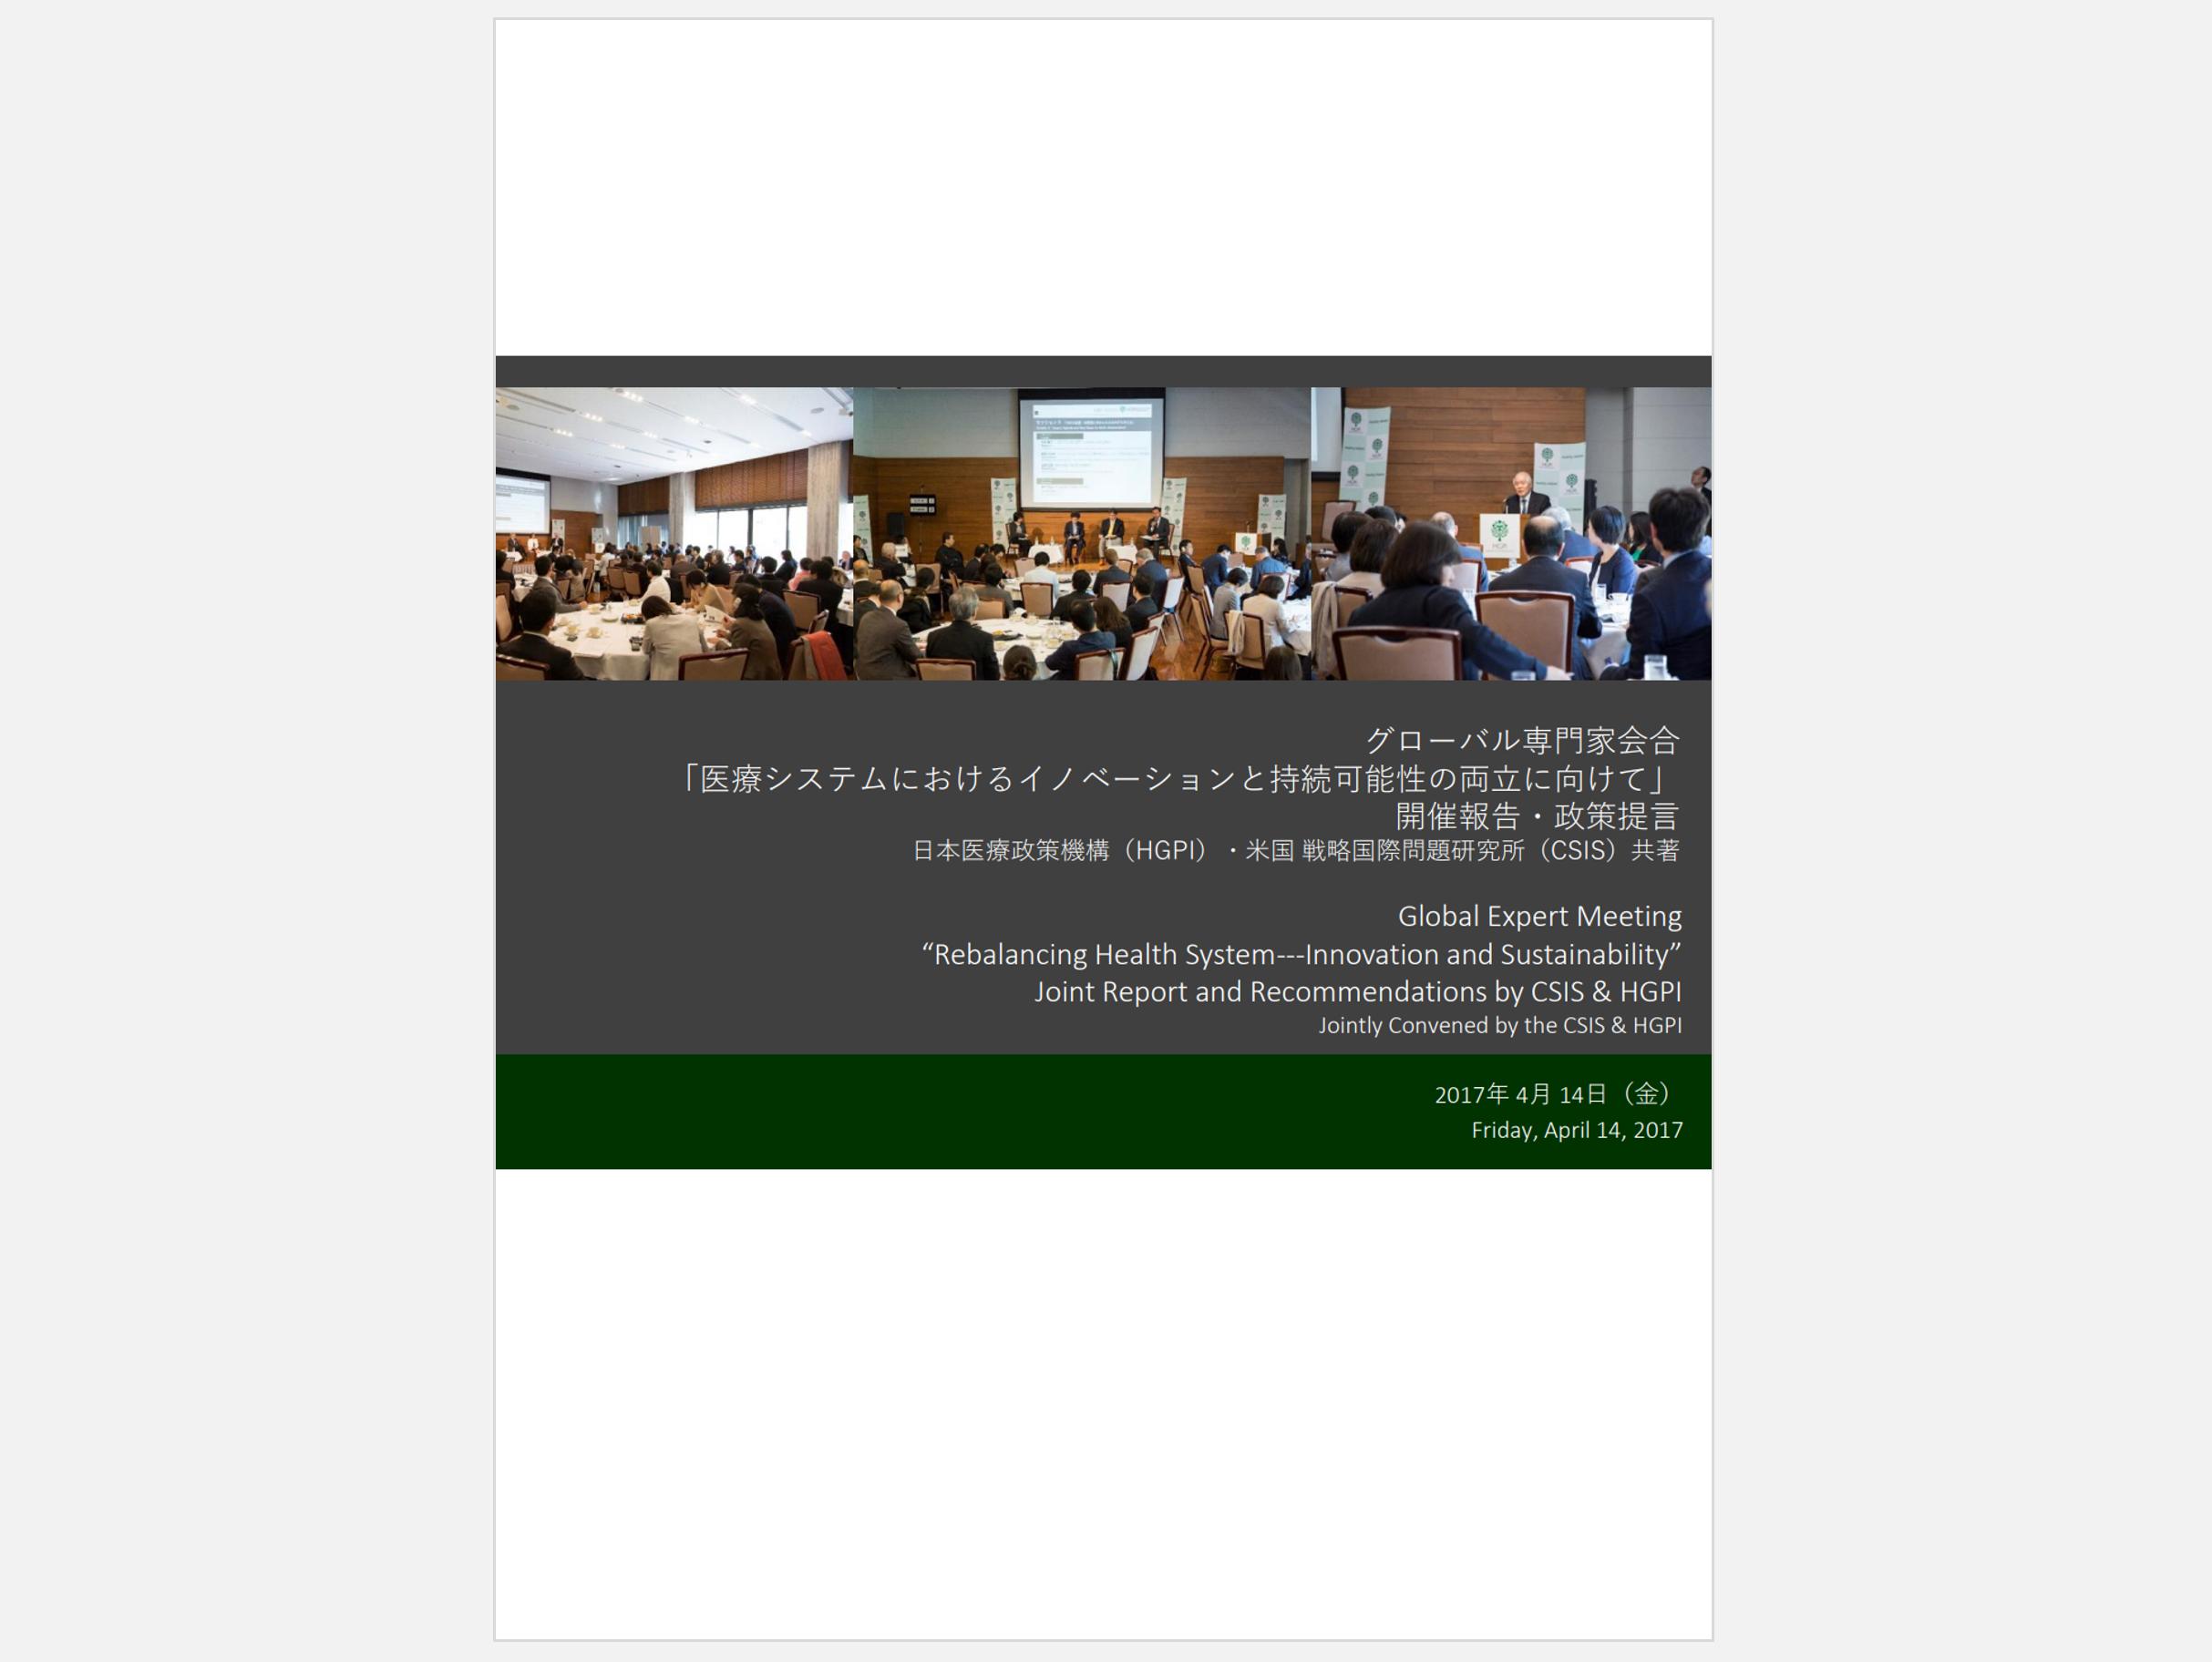 【開催報告・政策提言】CSIS-日本医療政策機構 共催 グローバル専門家会合 「医療システムにおけるイノベーションと持続可能性の両立に向けて」